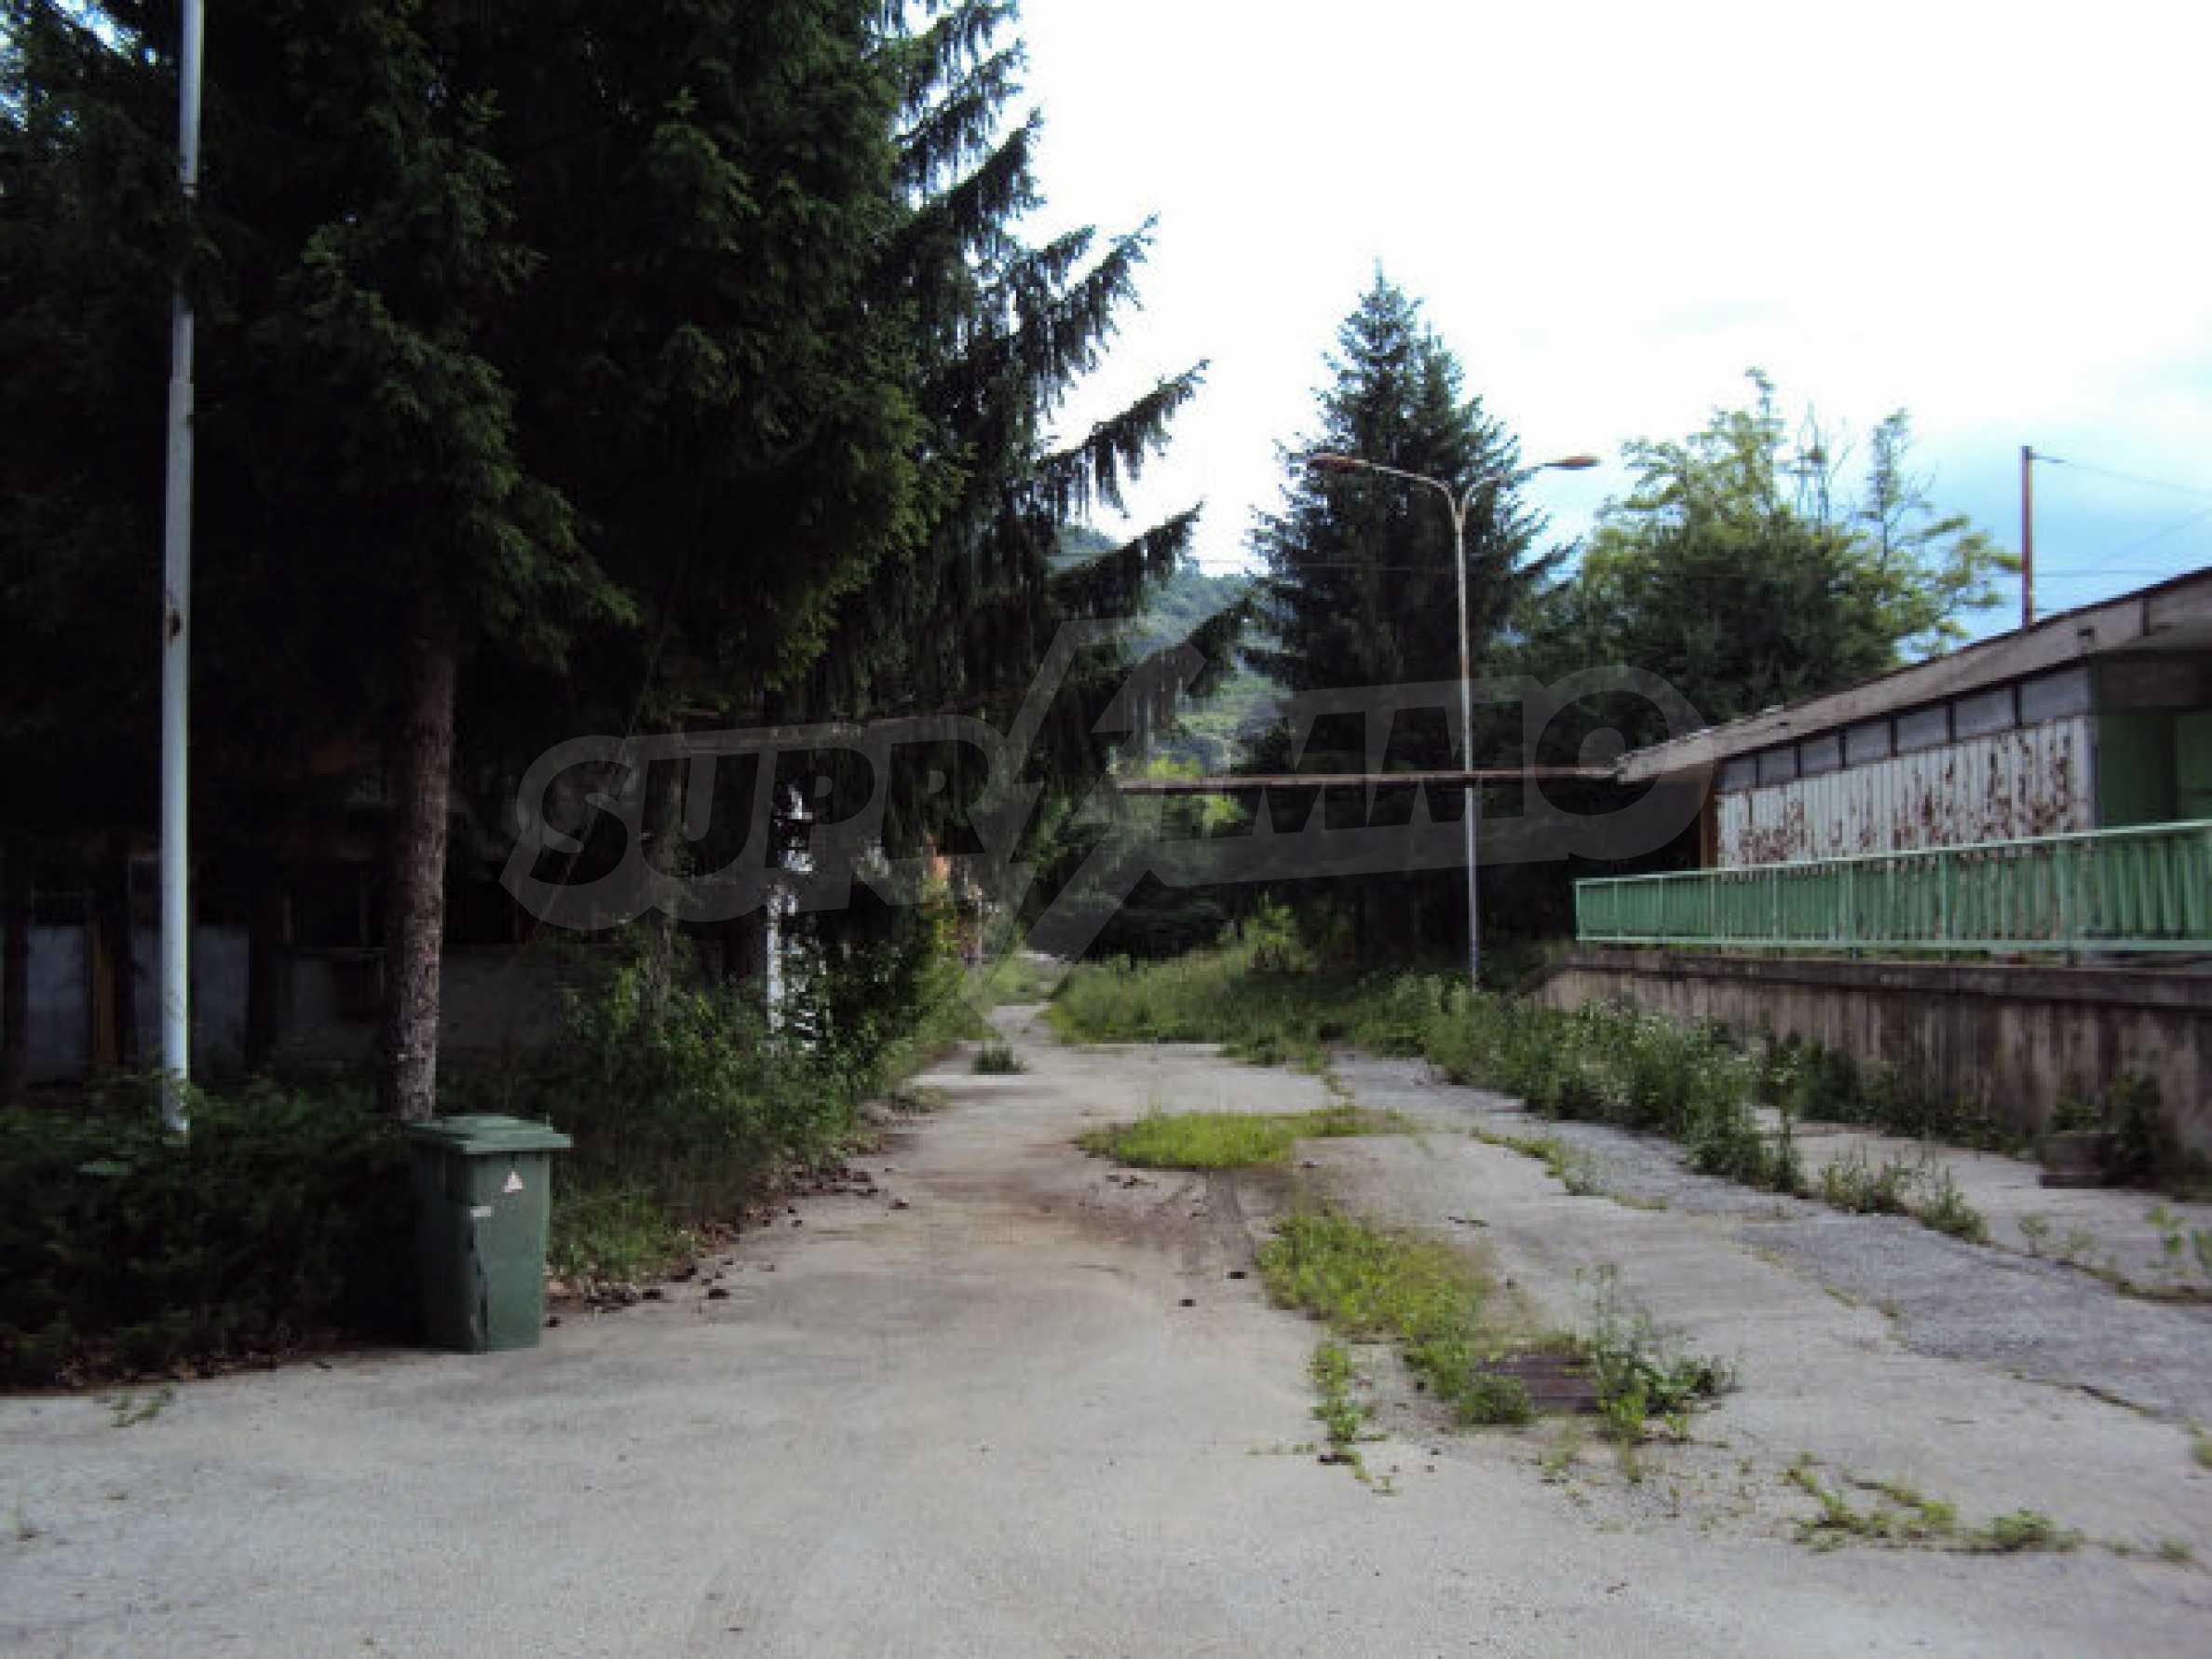 Factory for metal parts in Veliko Tarnovo 10